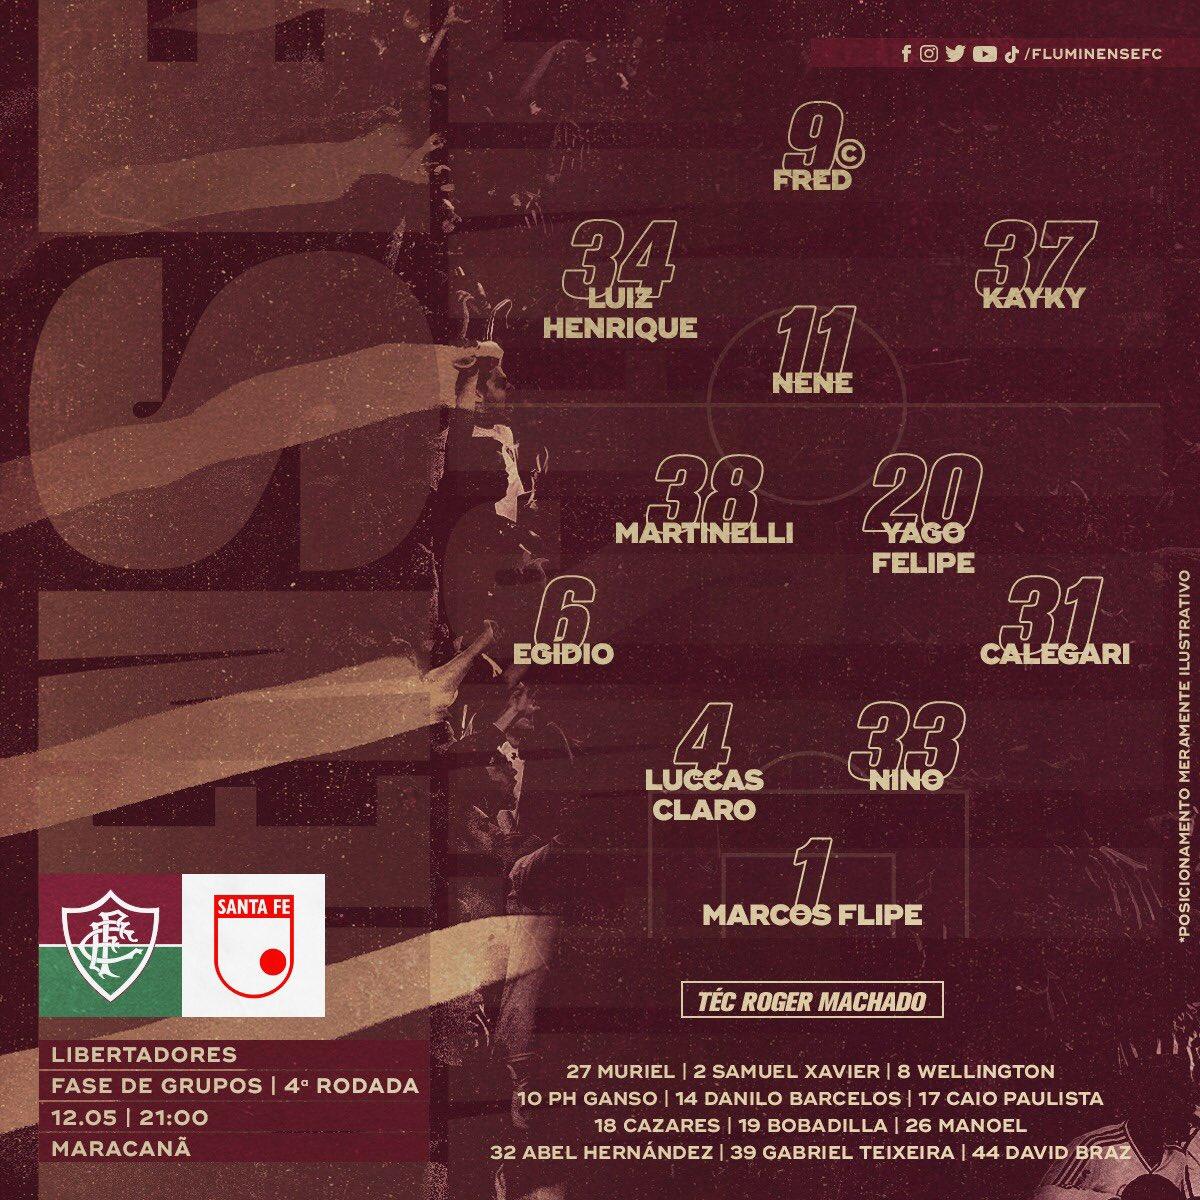 Foto: Fluminense